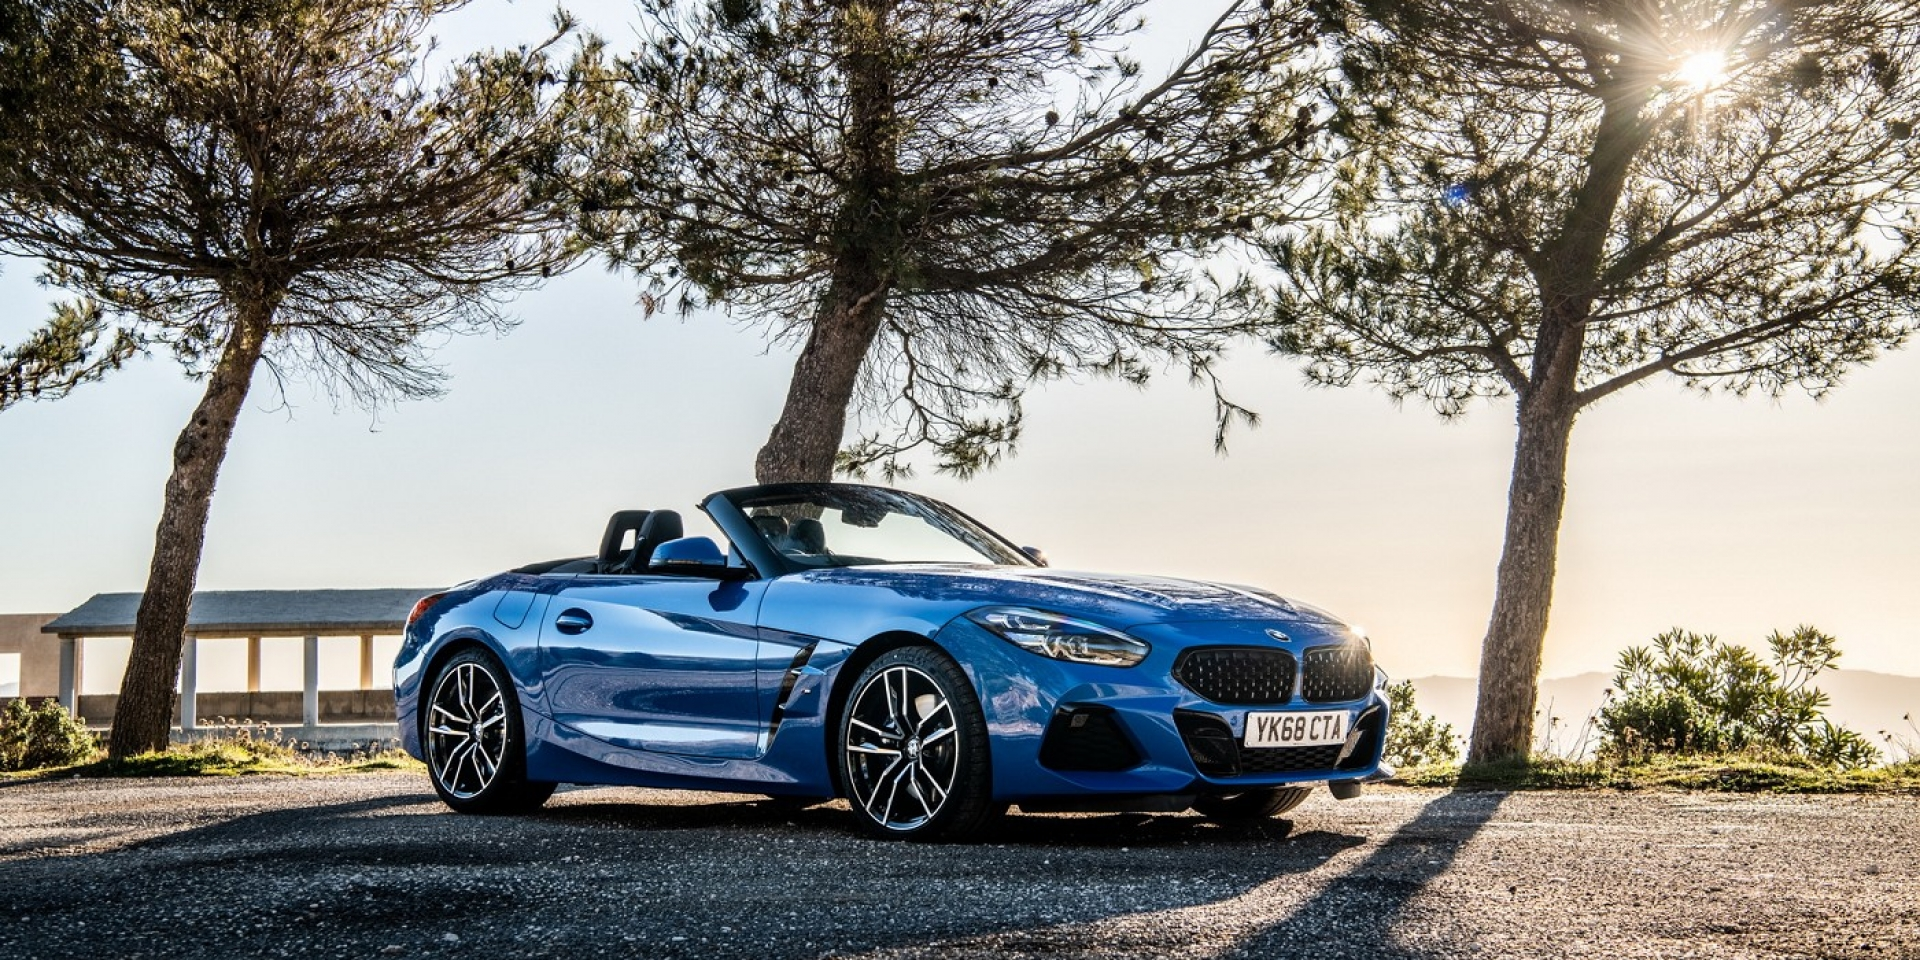 出手排你買不買? BMW手排Z4兩年只賣出兩輛